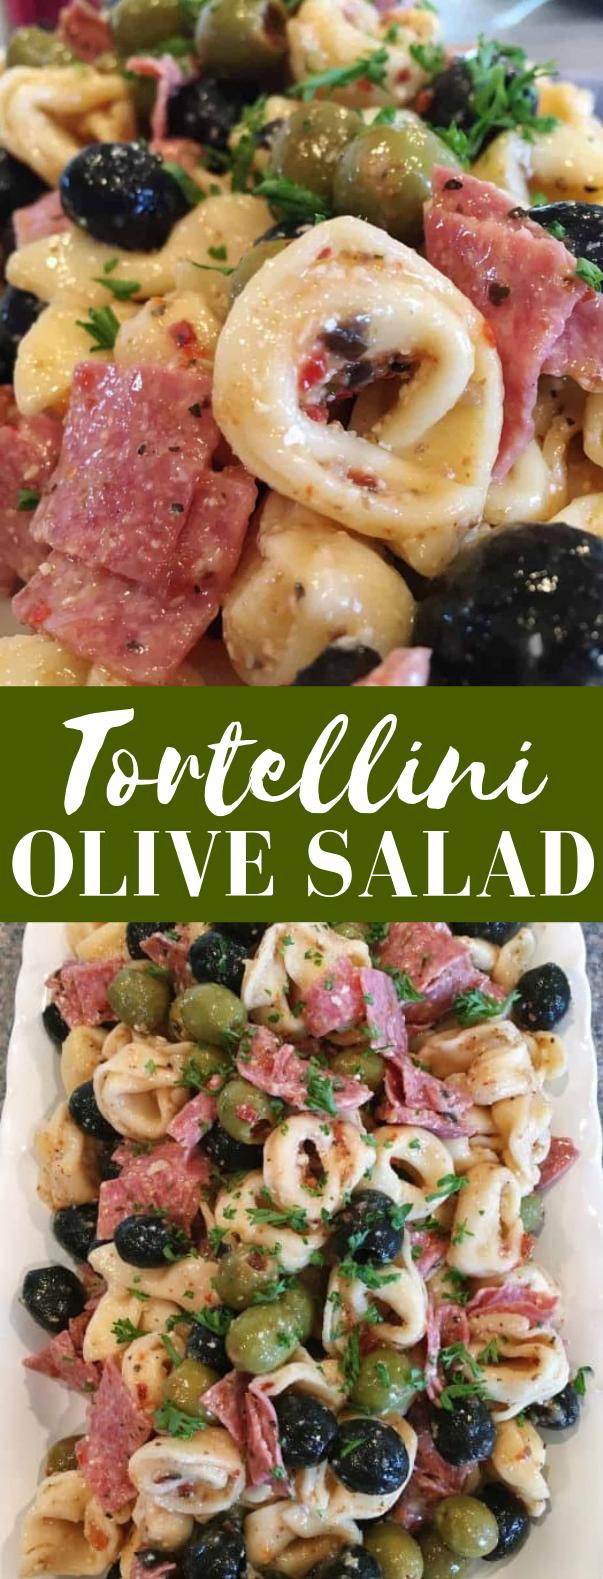 Tortellini Olive Salad #vegetarian #saladrecipe